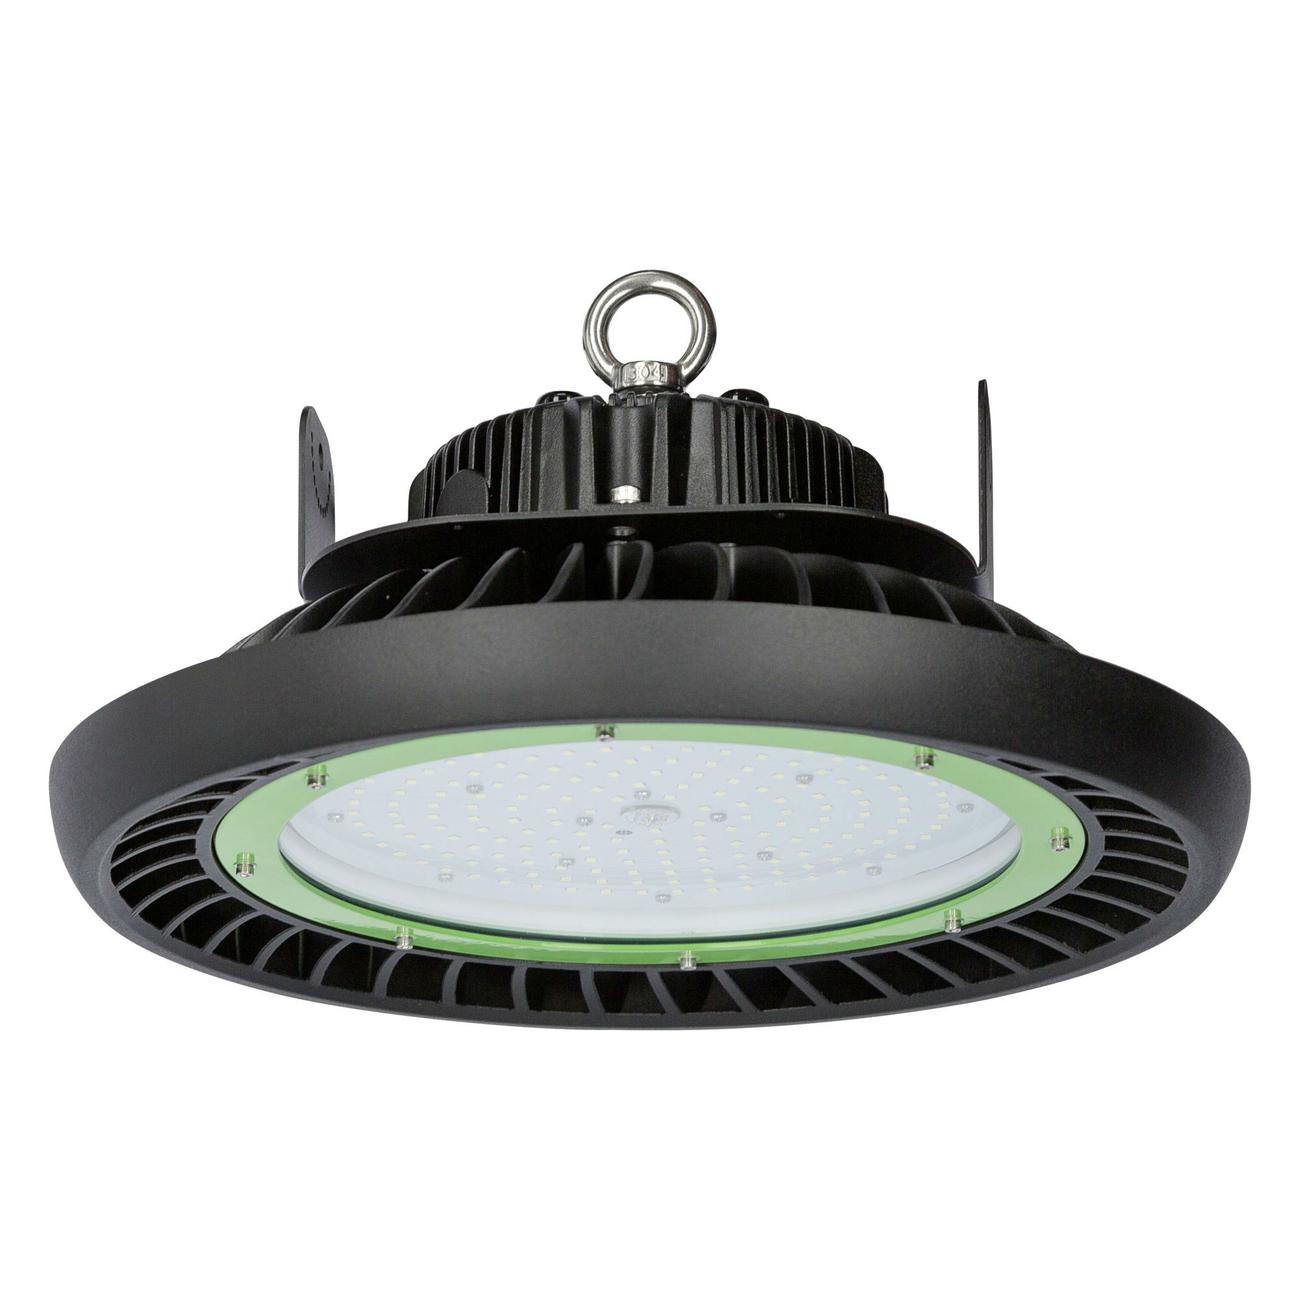 Kerbl LED Hallenstrahler, Modell 2017, Bild 5